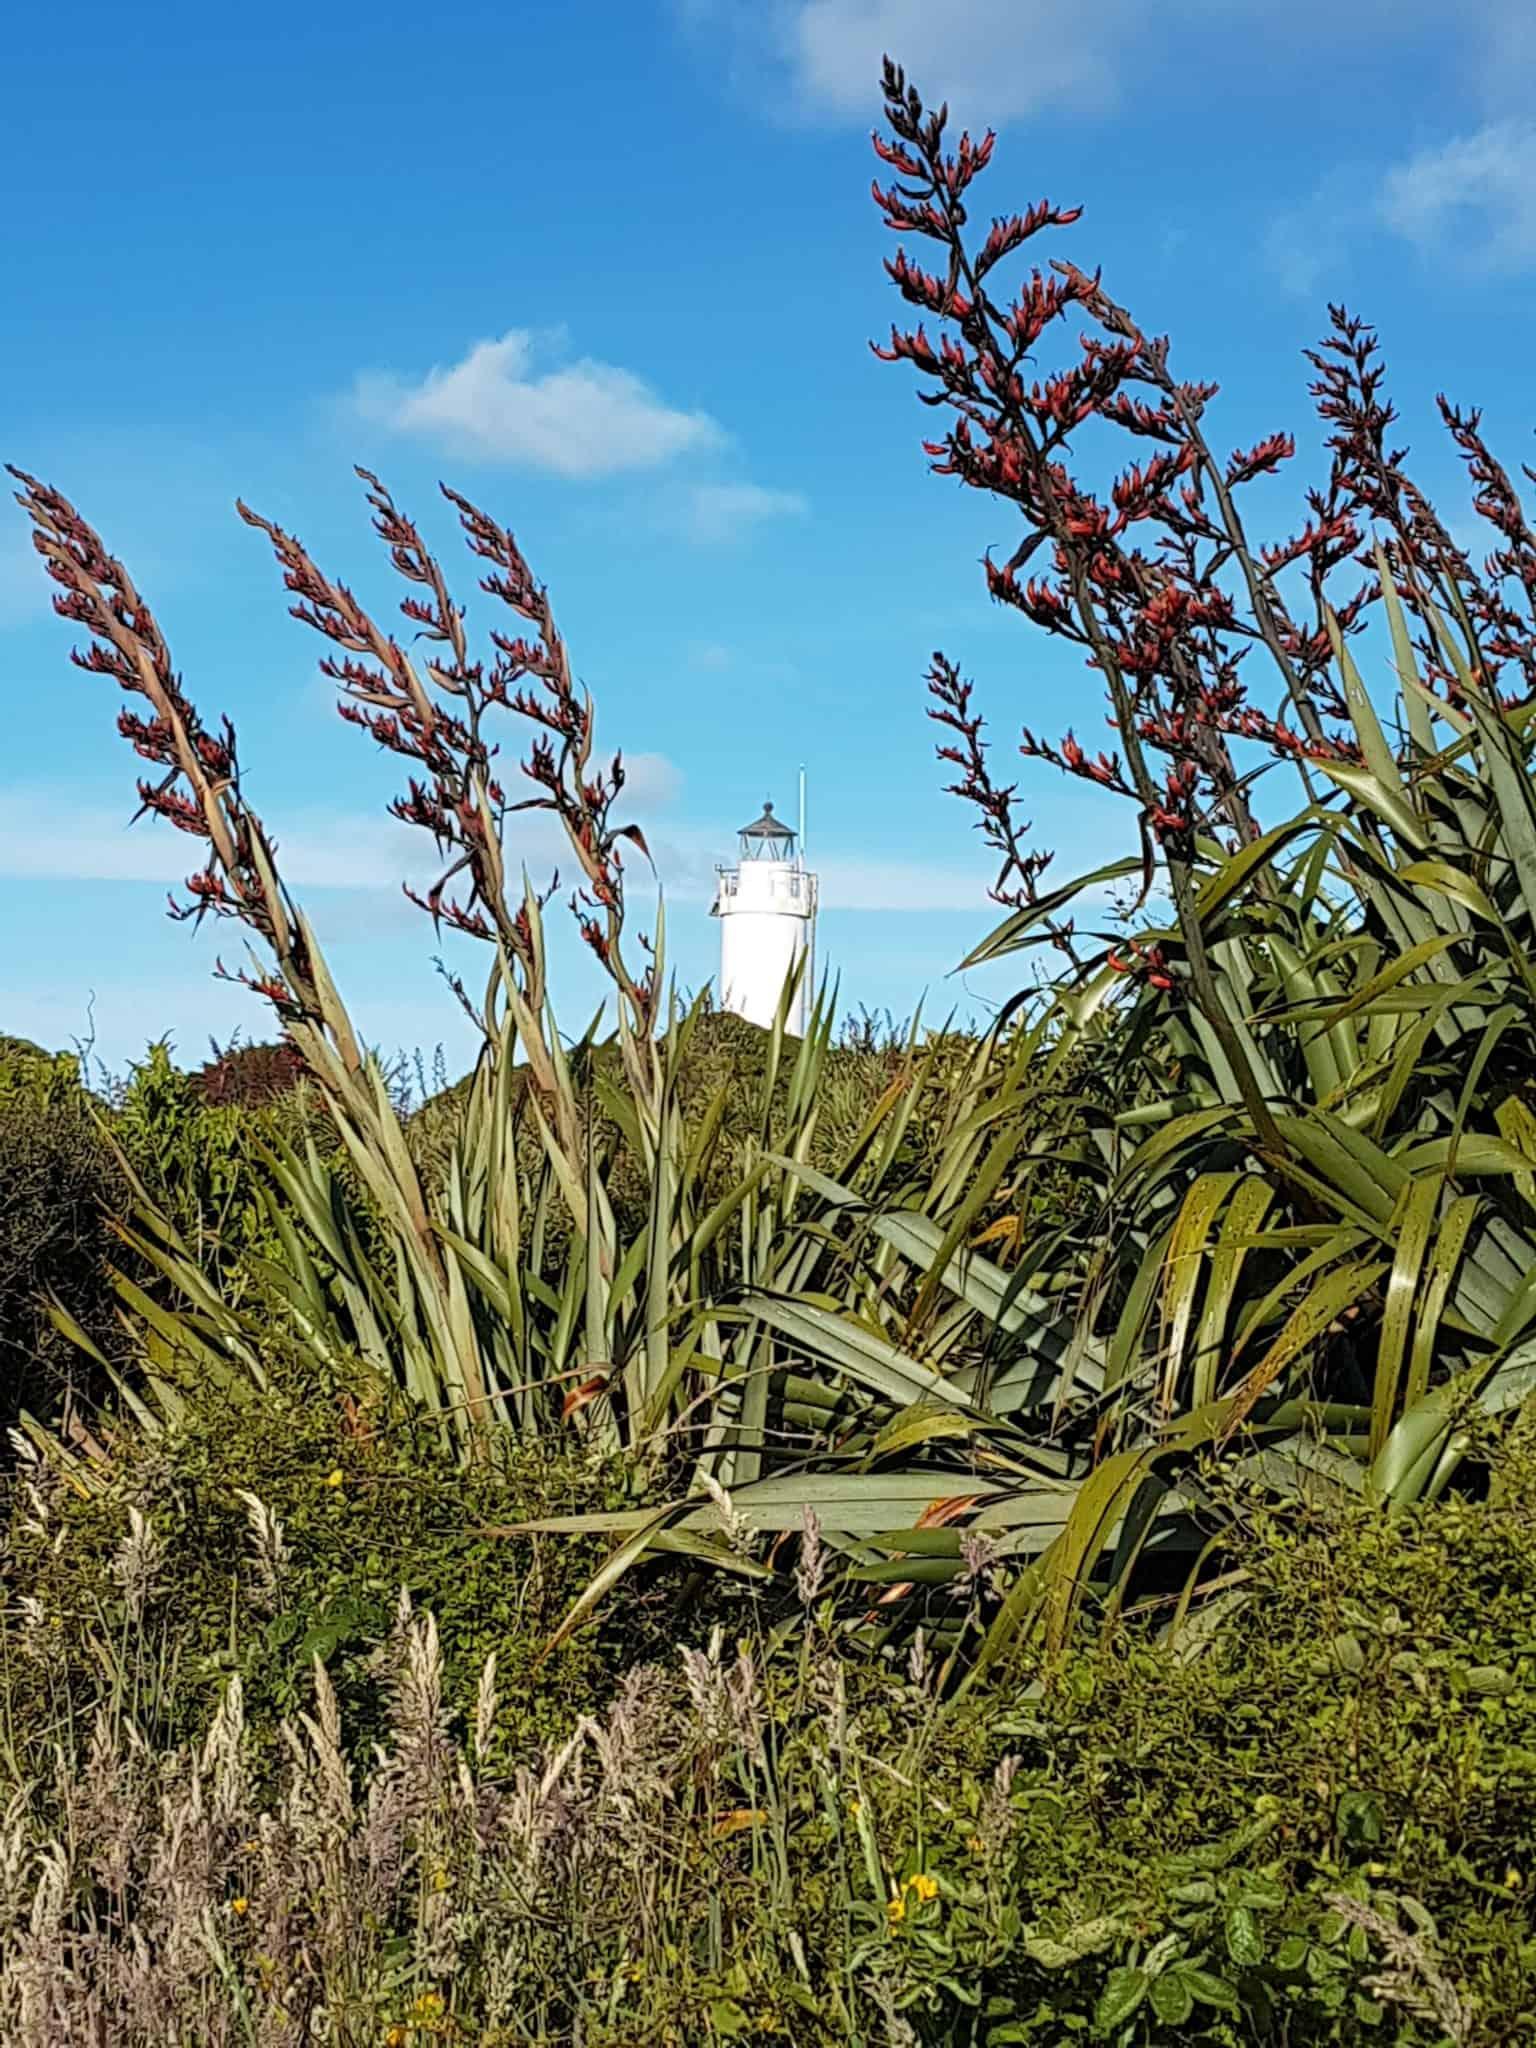 Nouvelle-Zélande, le Cap Foulwind et sa côte sauvage 🌿 20